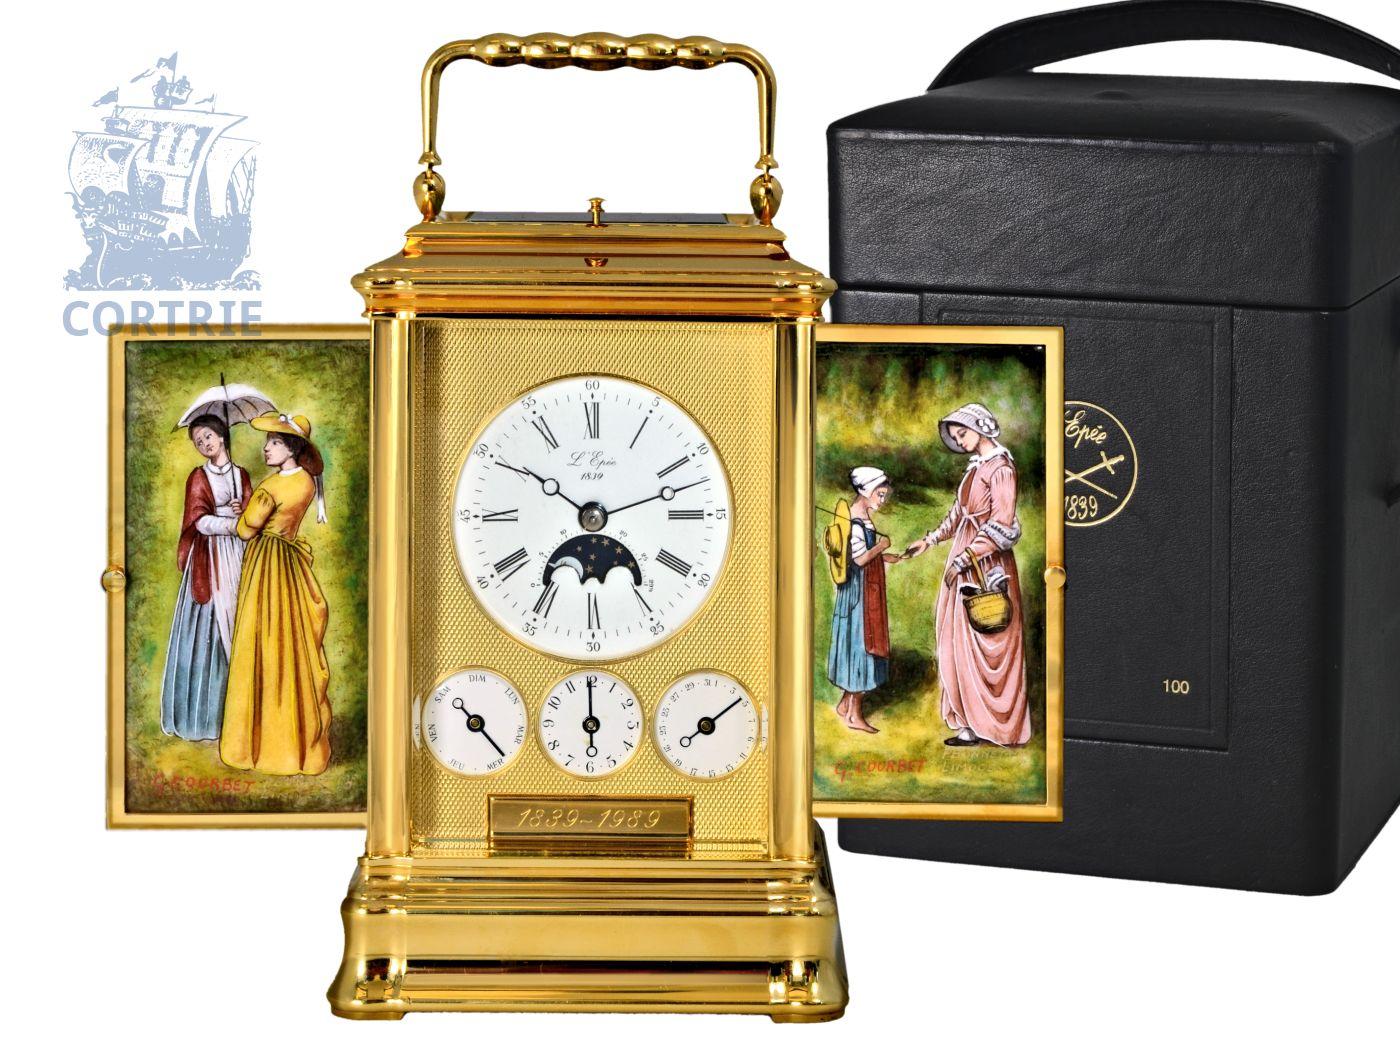 Travel clock: very rare and limited travel clock, L'EPÉE LA CENT CINQUANTENAIRE - THE TOURBILLON MUSICAL CARRIAGE CLOCK L'Epée, Sainte-Suzanne, France, No. 100/150, 20th century-